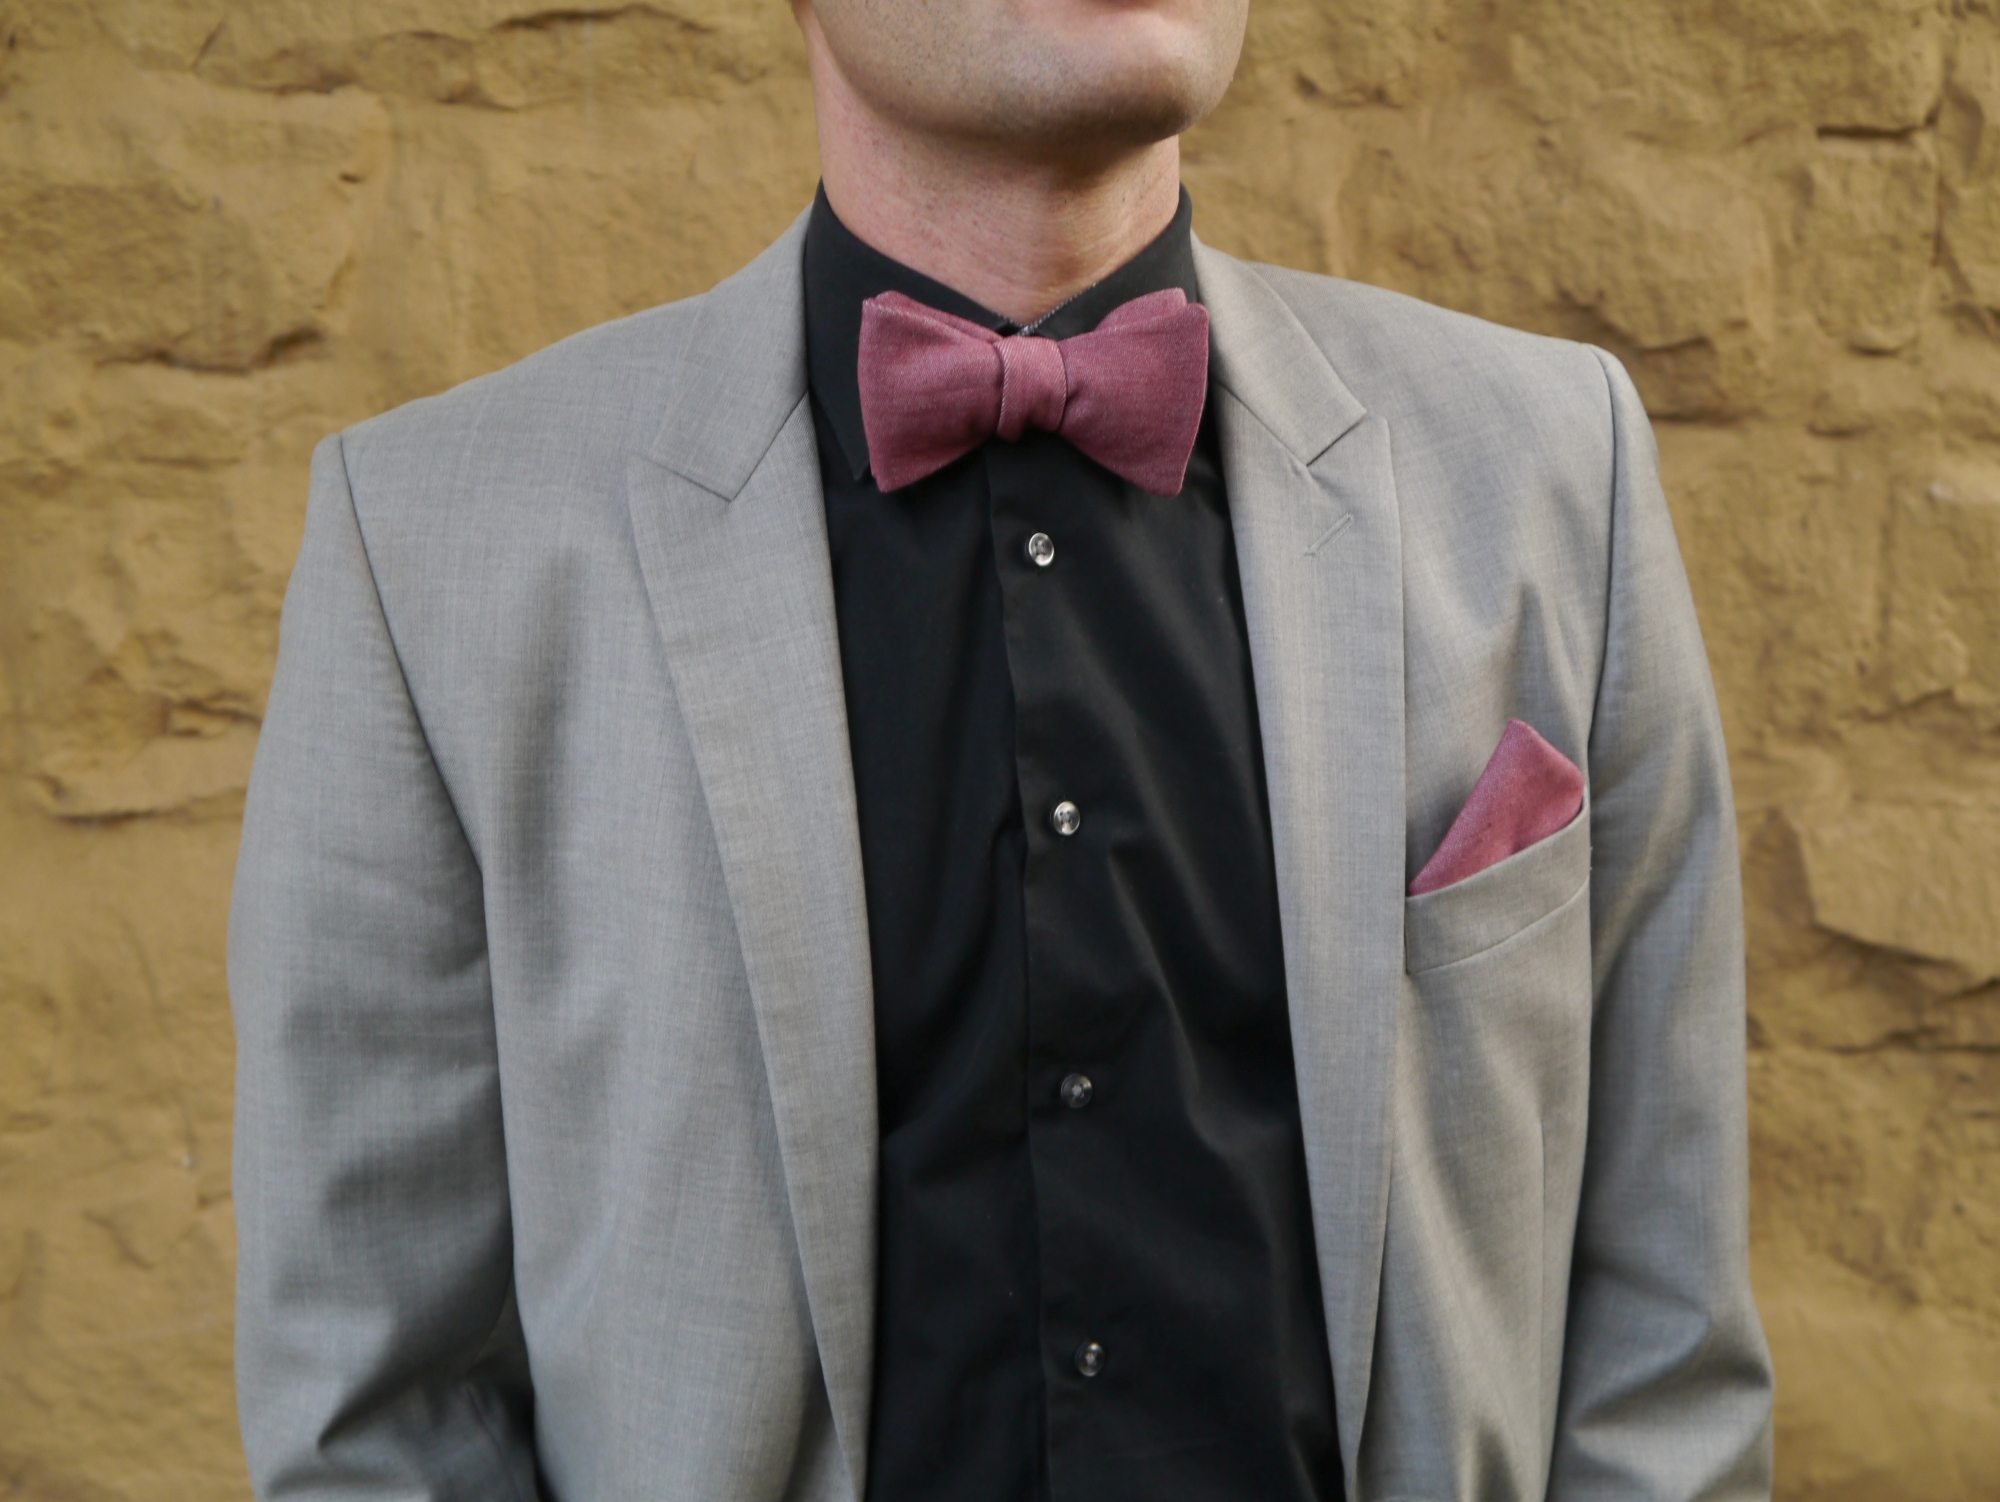 dunkel rose rote fliege auf grauen anzug mit einstecktuch